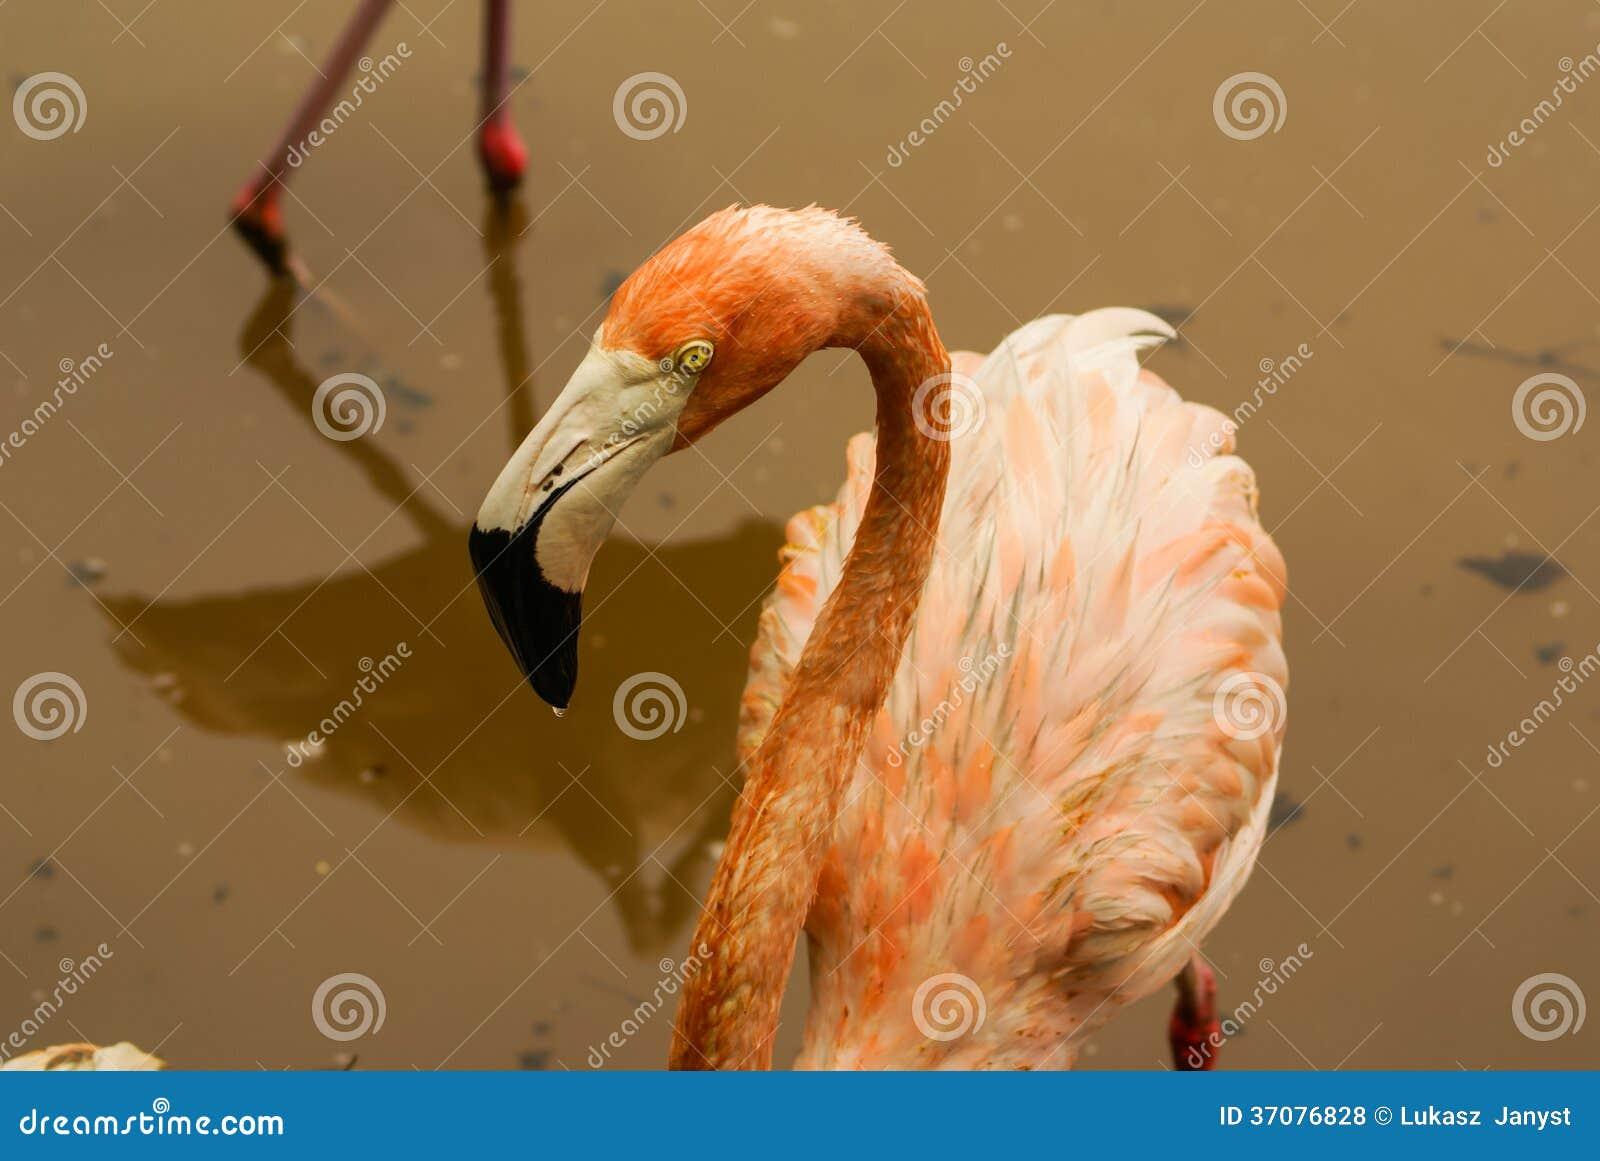 Download Amerykańskie Pododmiany Karaibski Flaming (Phoenicopterus Ruber Ruber) Zdjęcie Stock - Obraz złożonej z flamingi, migreny: 37076828